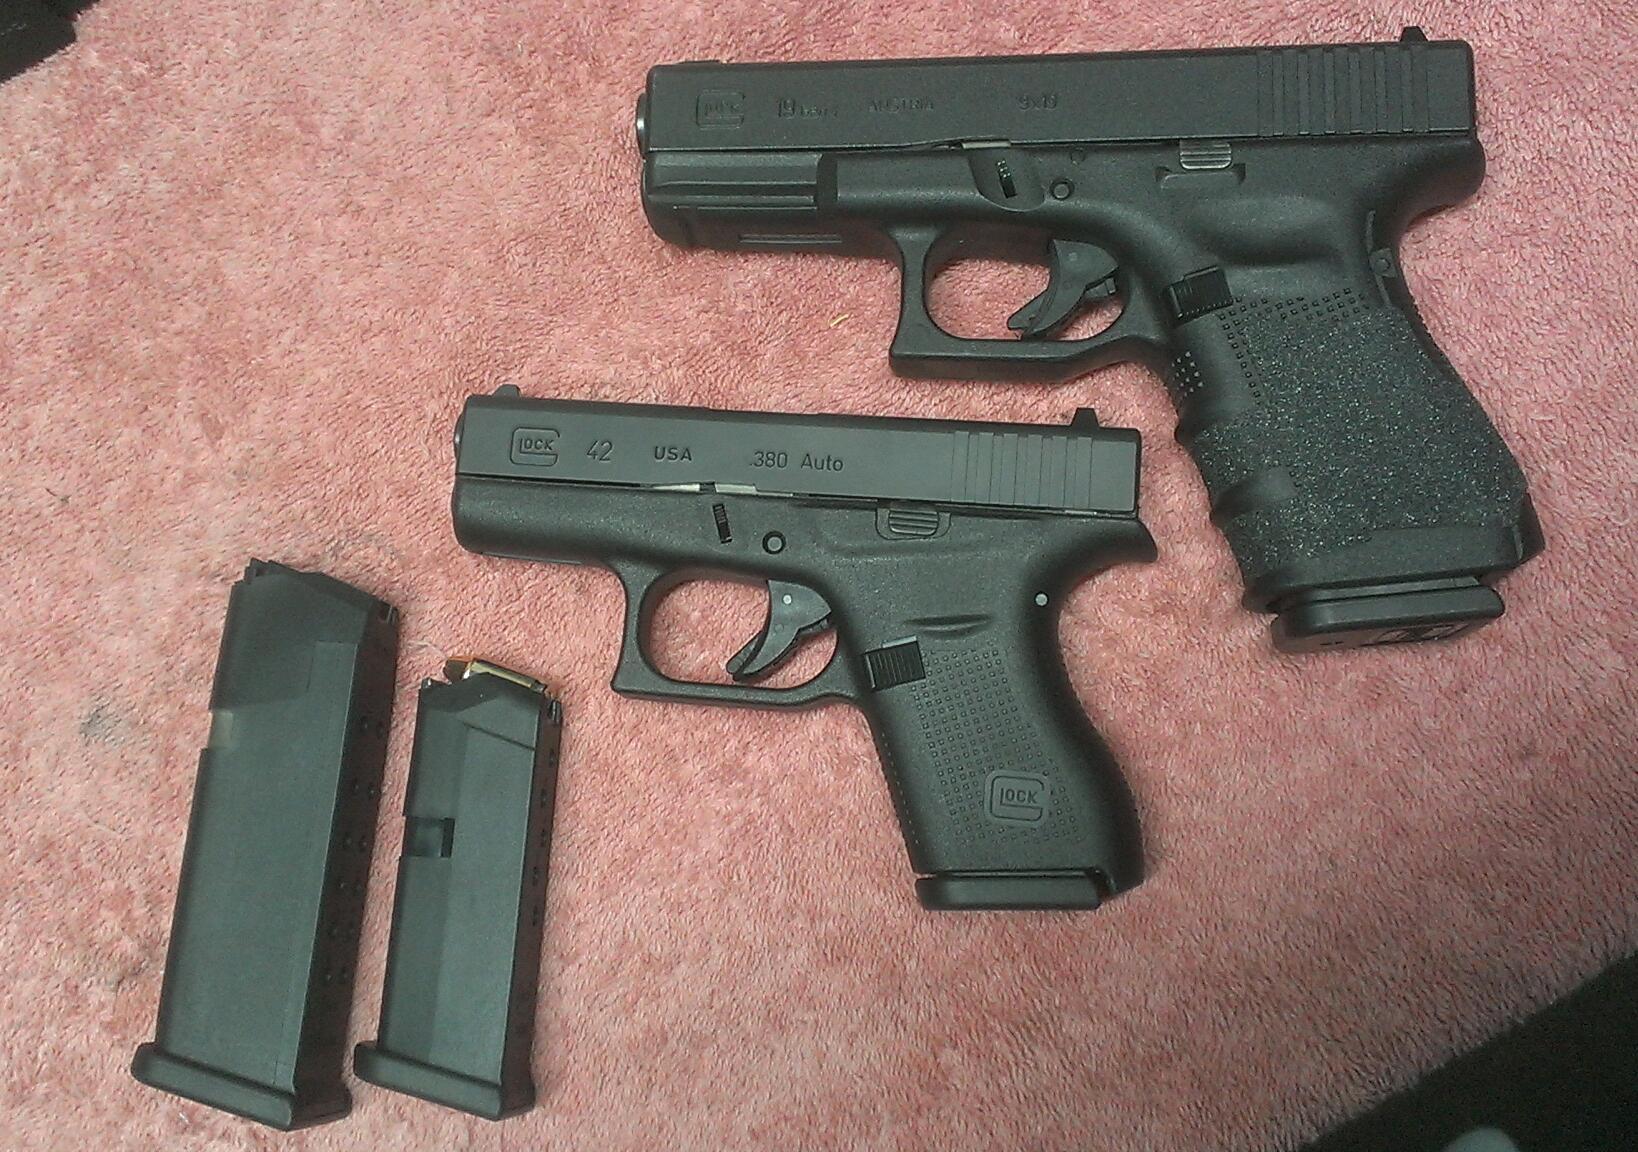 Glock 42 in 380-imag1991_1.jpg